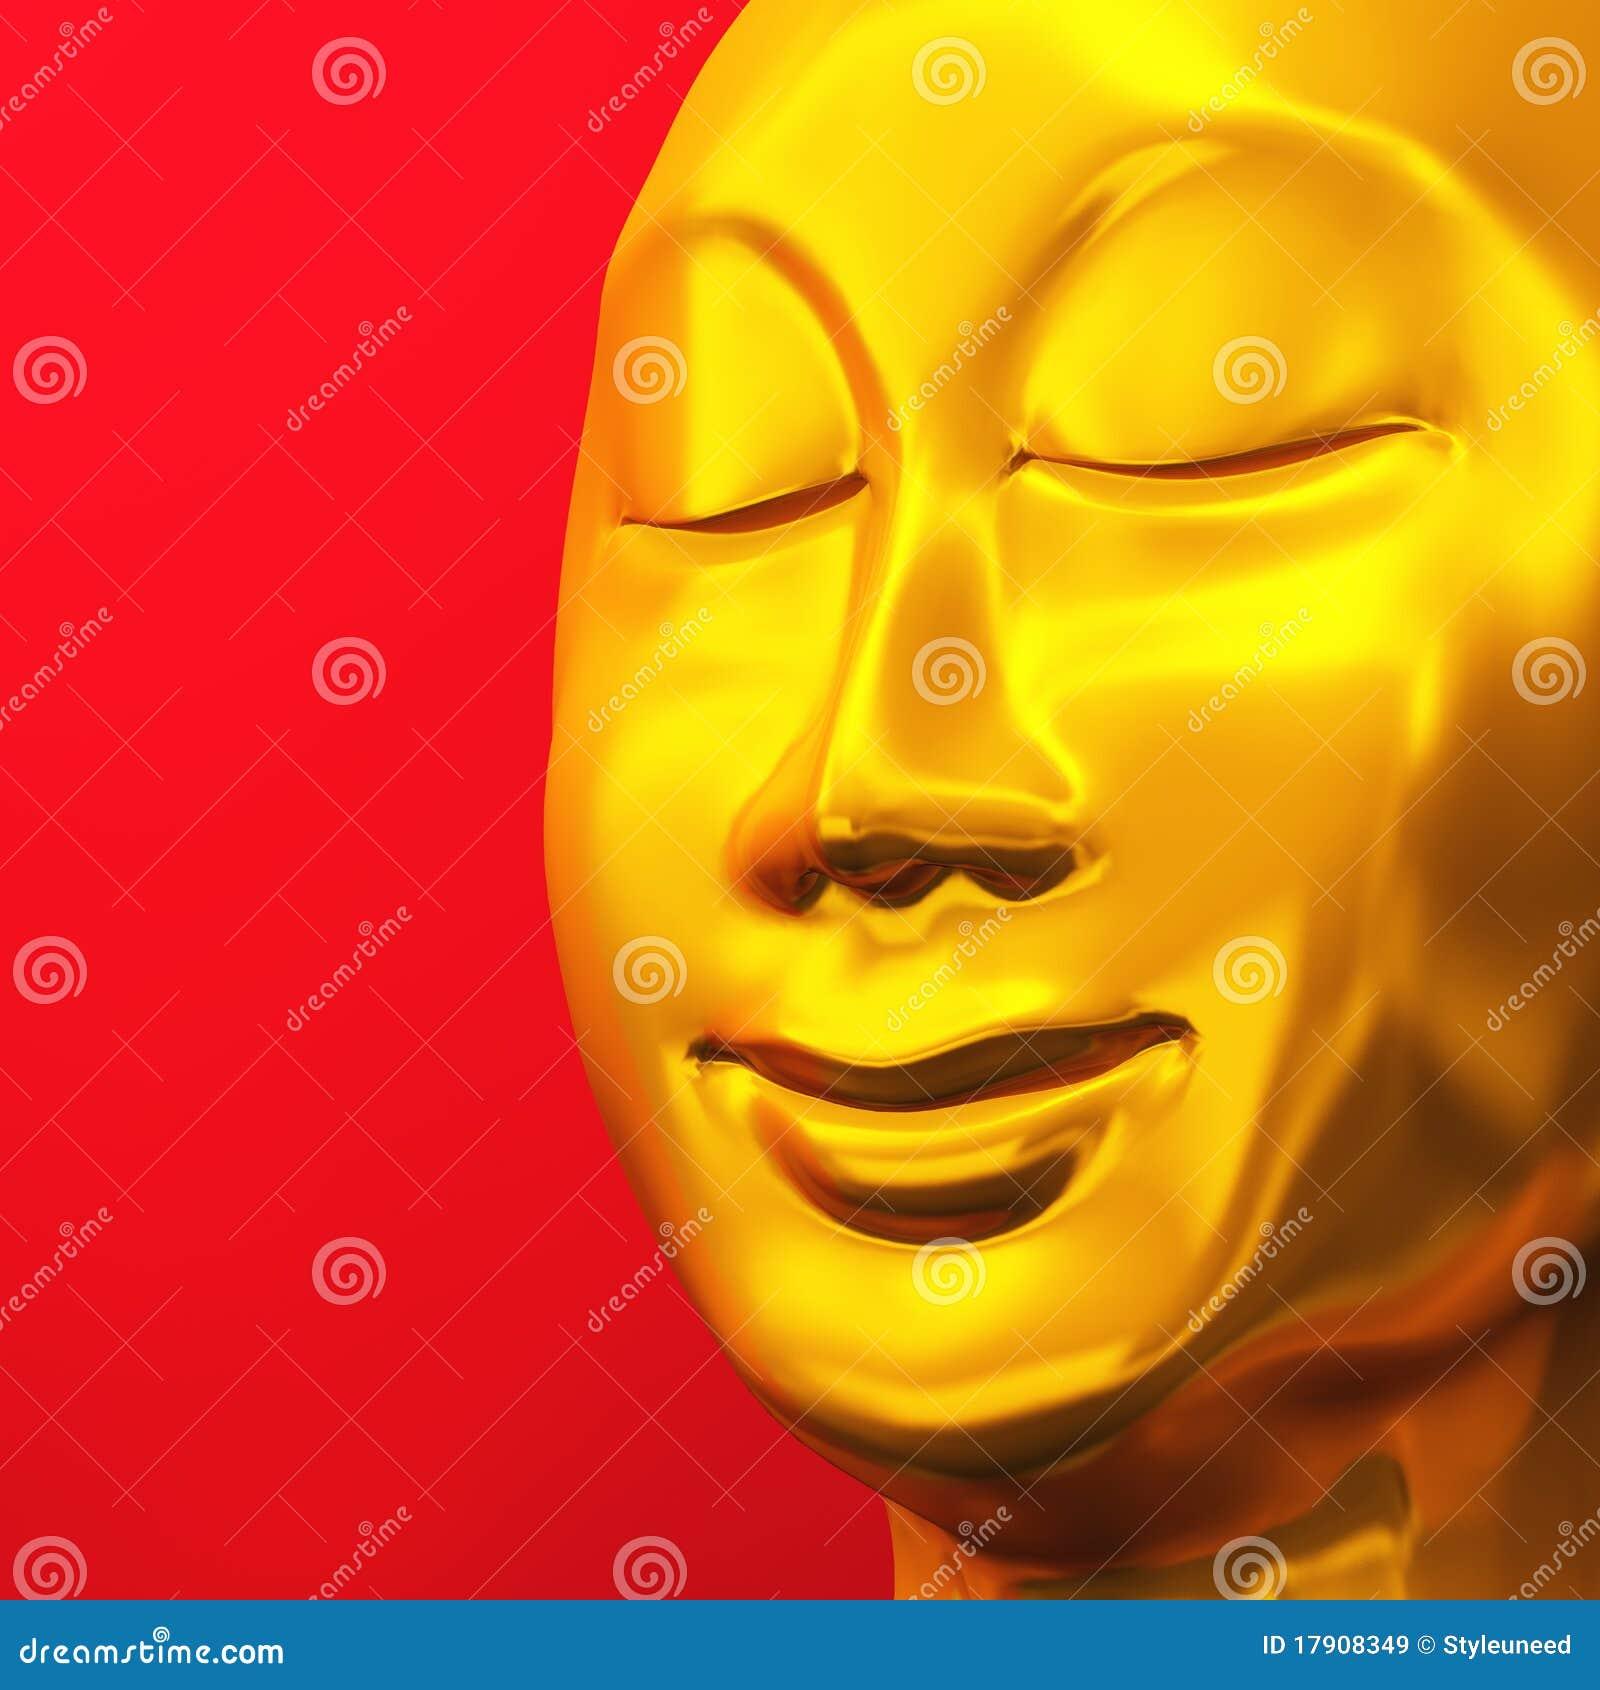 Golden zen buddha face on red 01